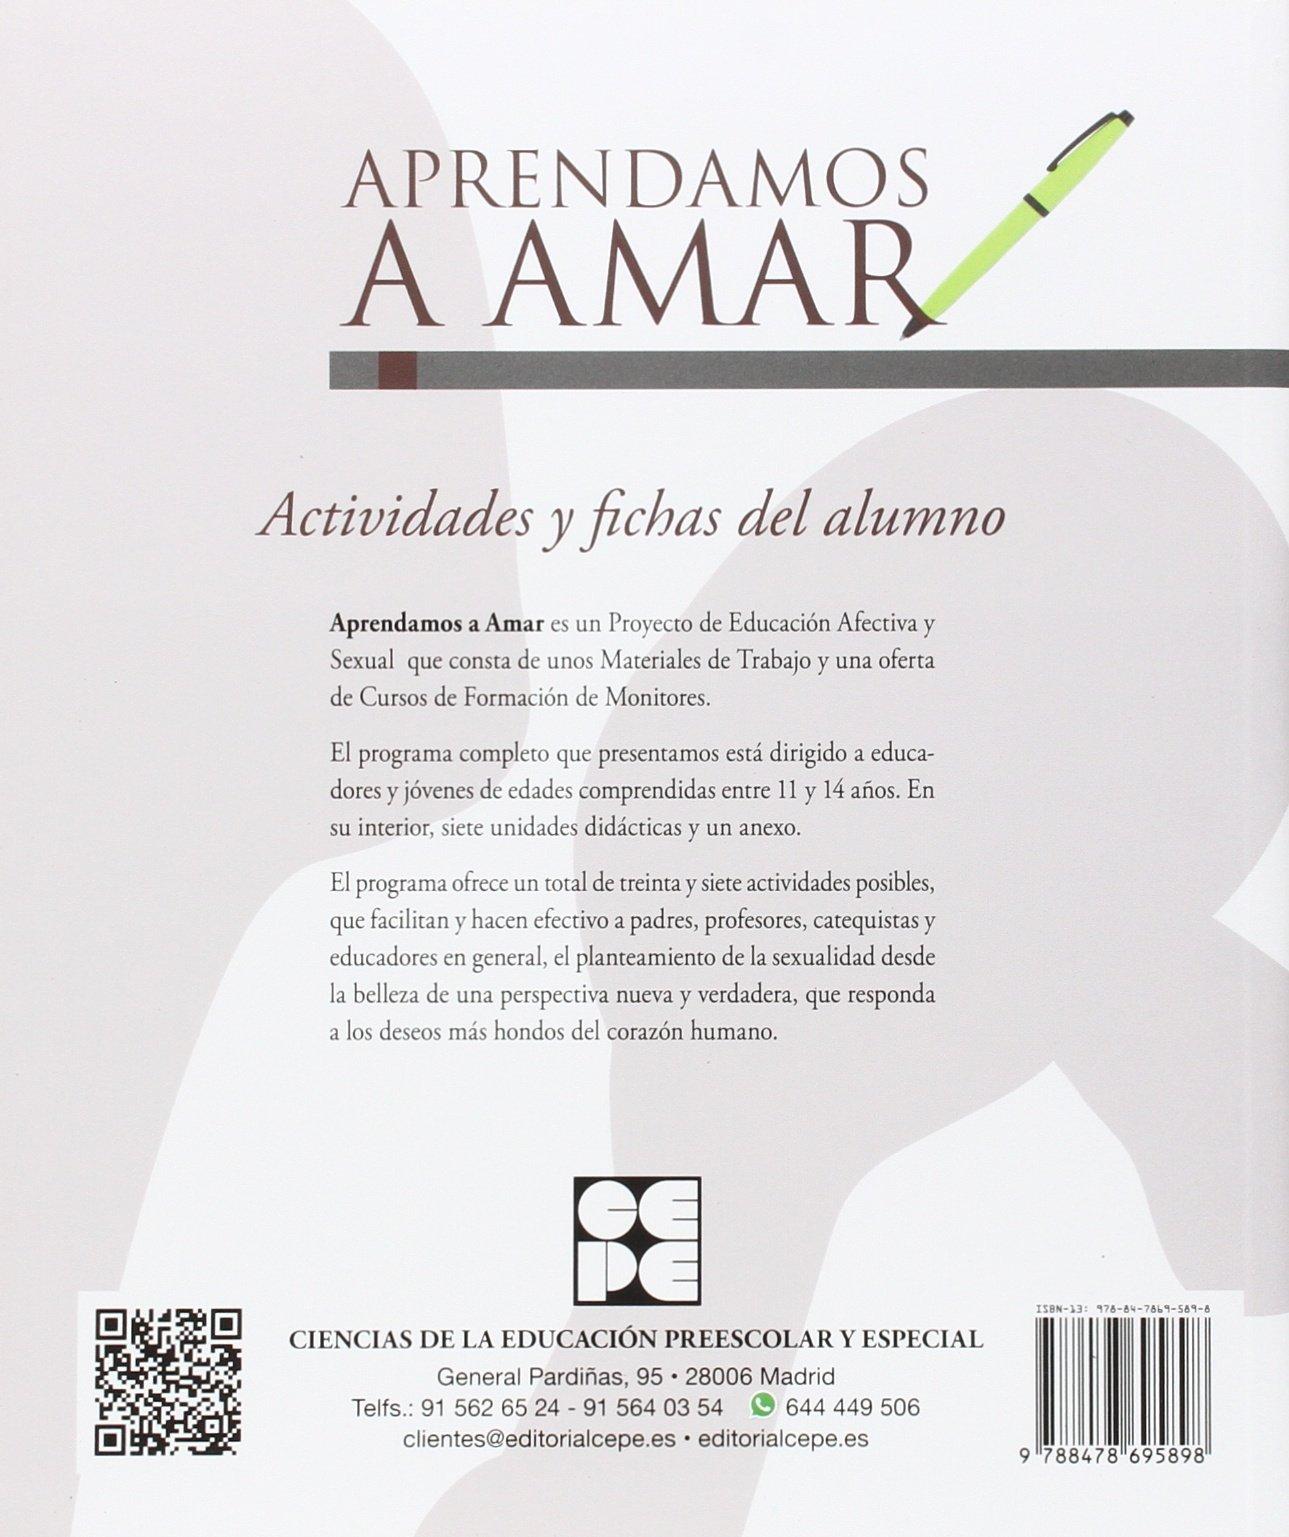 APRENDAMOS A AMAR, ACTIVIDADES Y FICHAS: Amazon.es: NIEVES GONZÁLEZ RICO: Libros